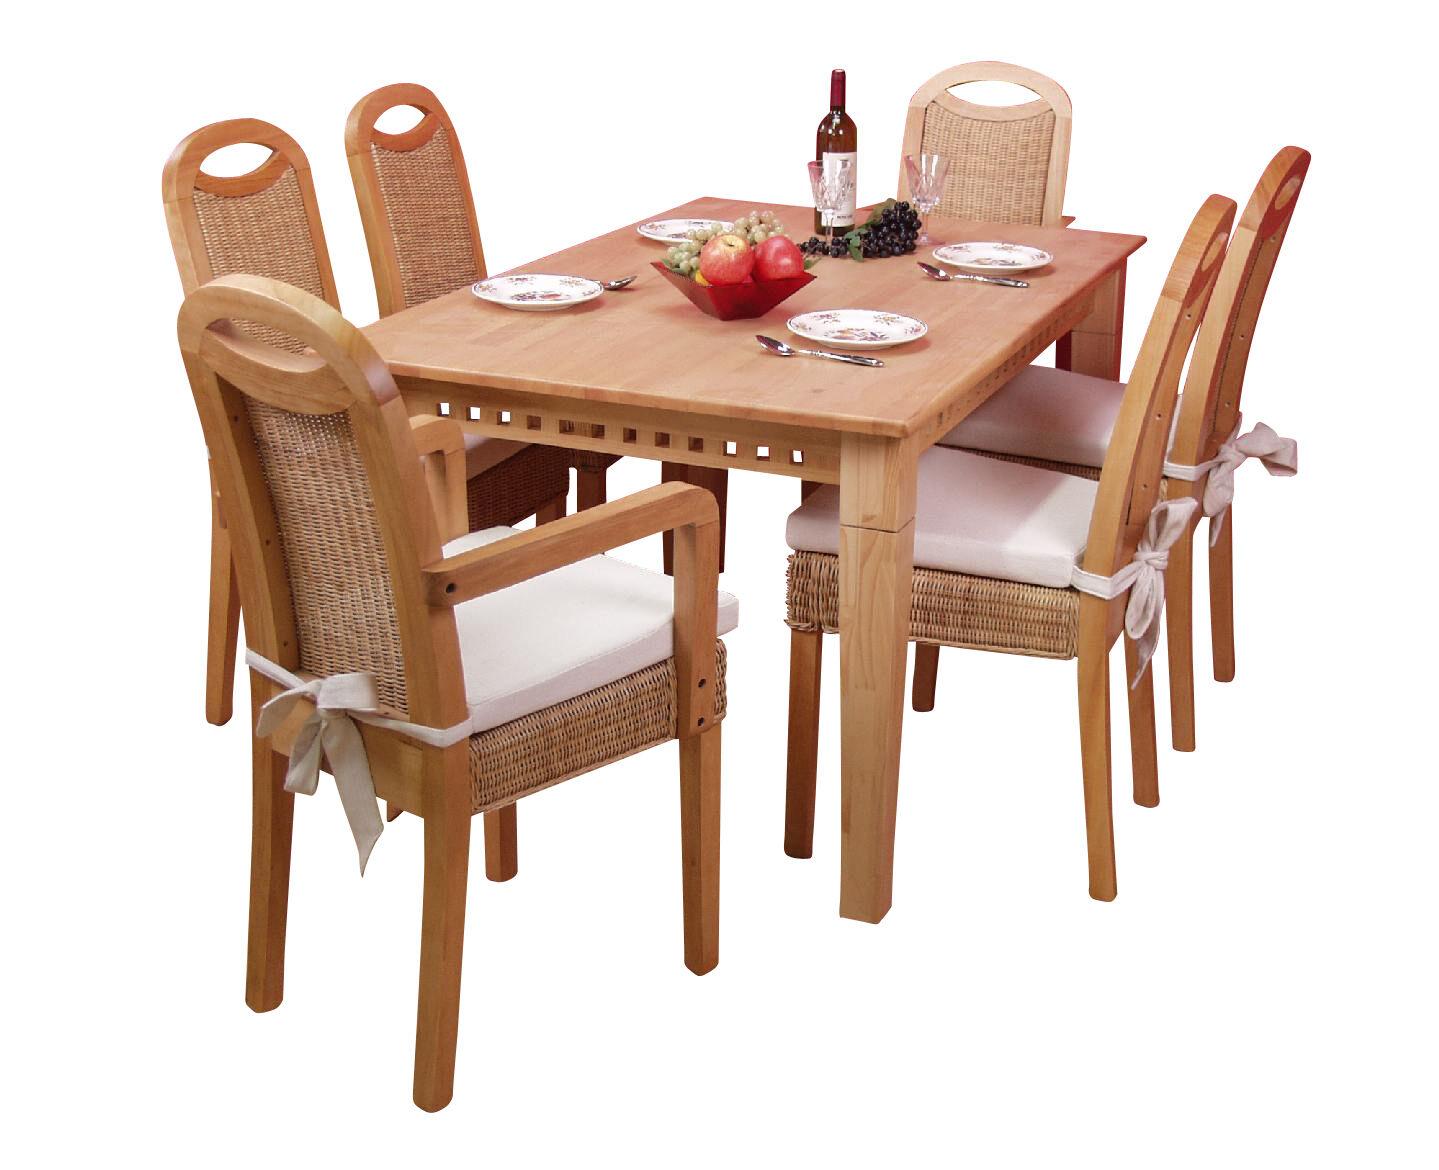 Rattanstuhle Esszimmer 4 Alte Stuhle Mit Sitzflache Gepolstert